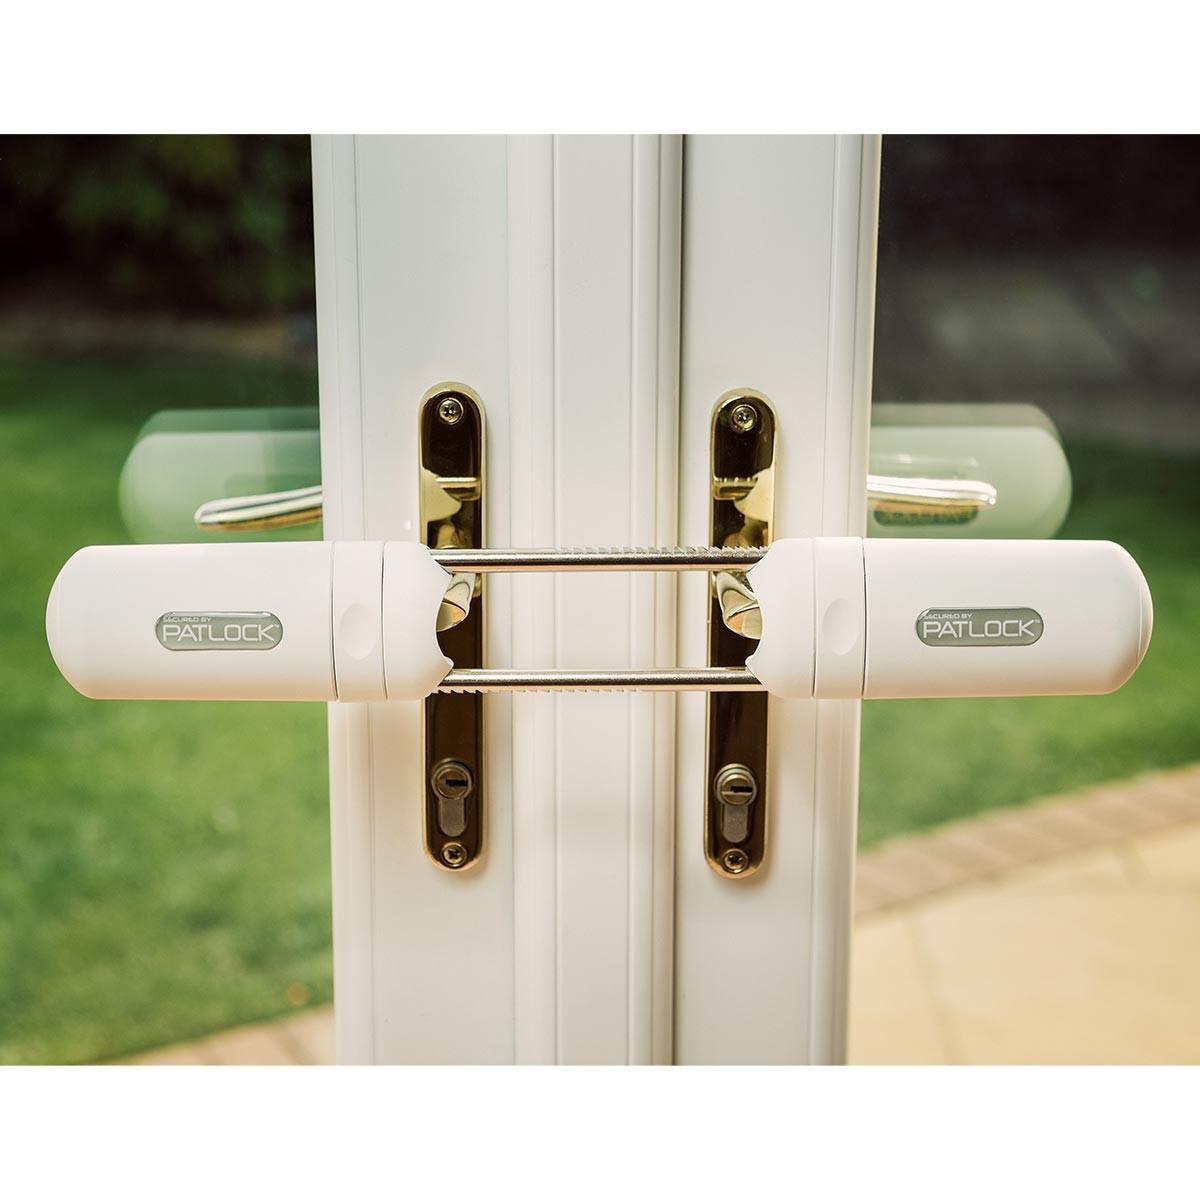 patlock patio door security